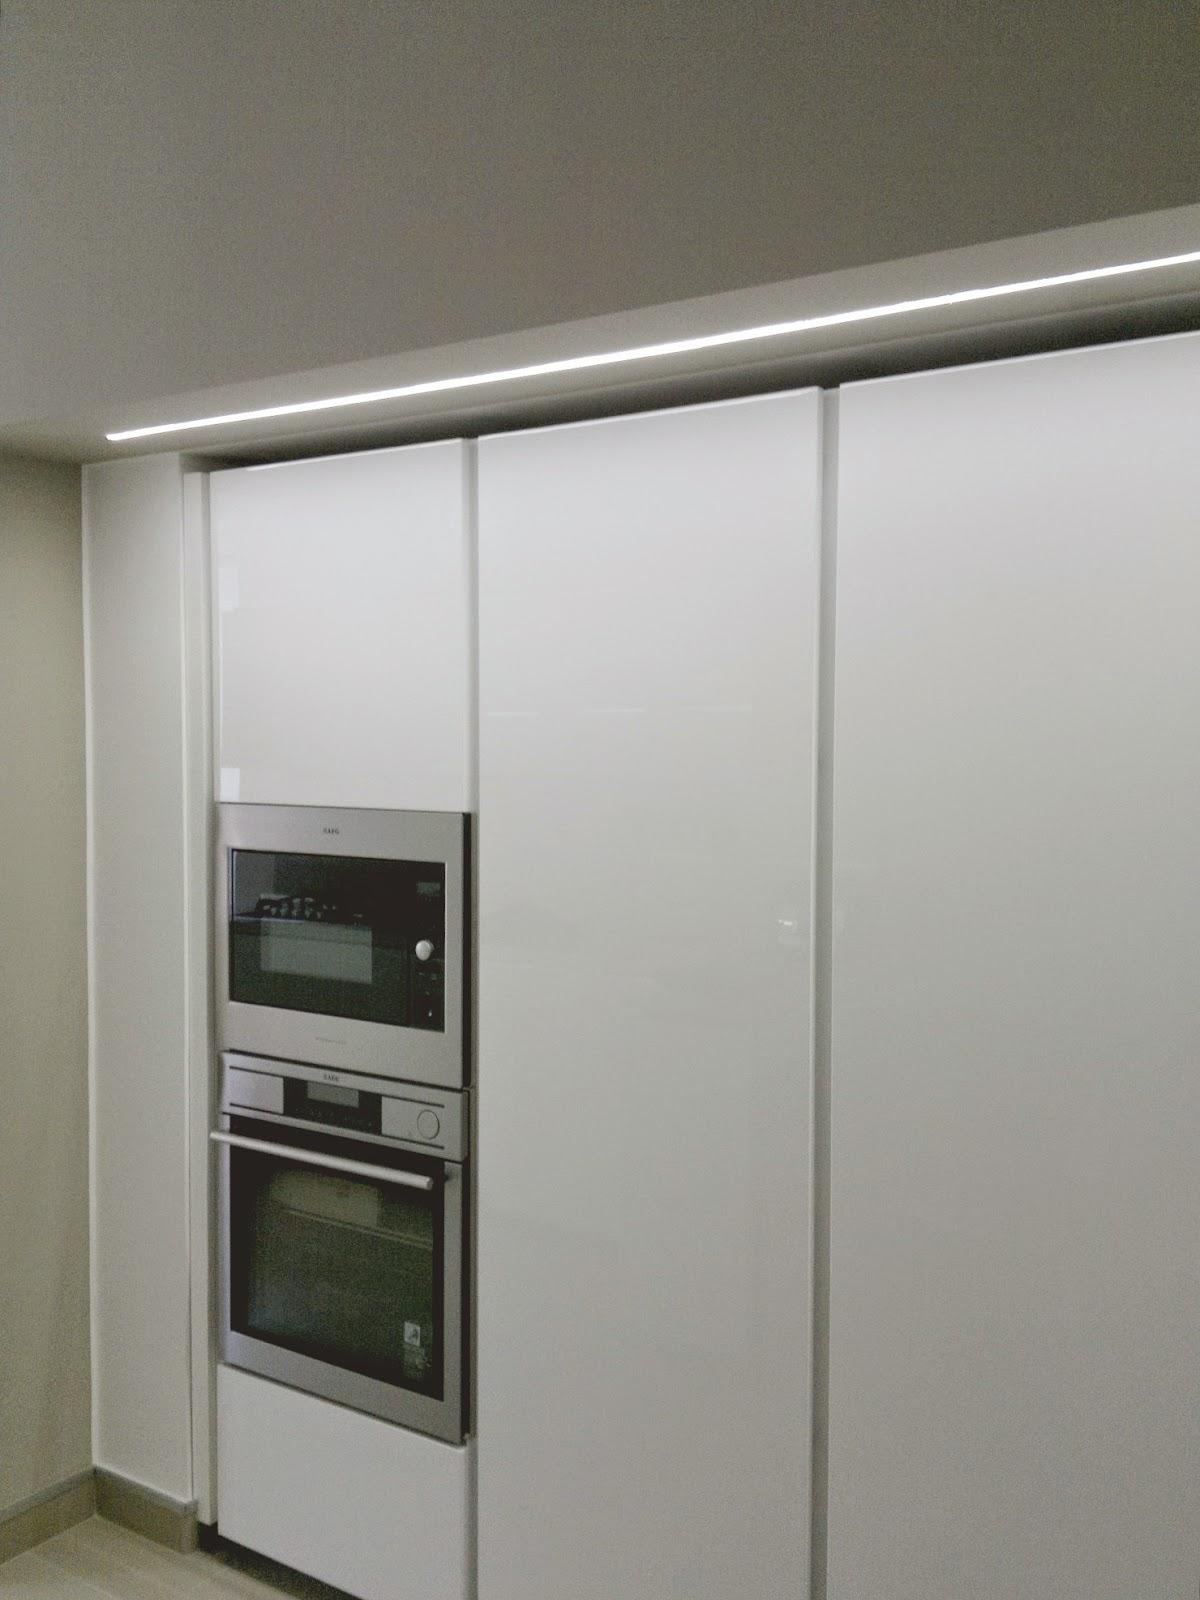 Illuminazione led casa torino ristrutturando un appartamento - Striscia led cucina ...